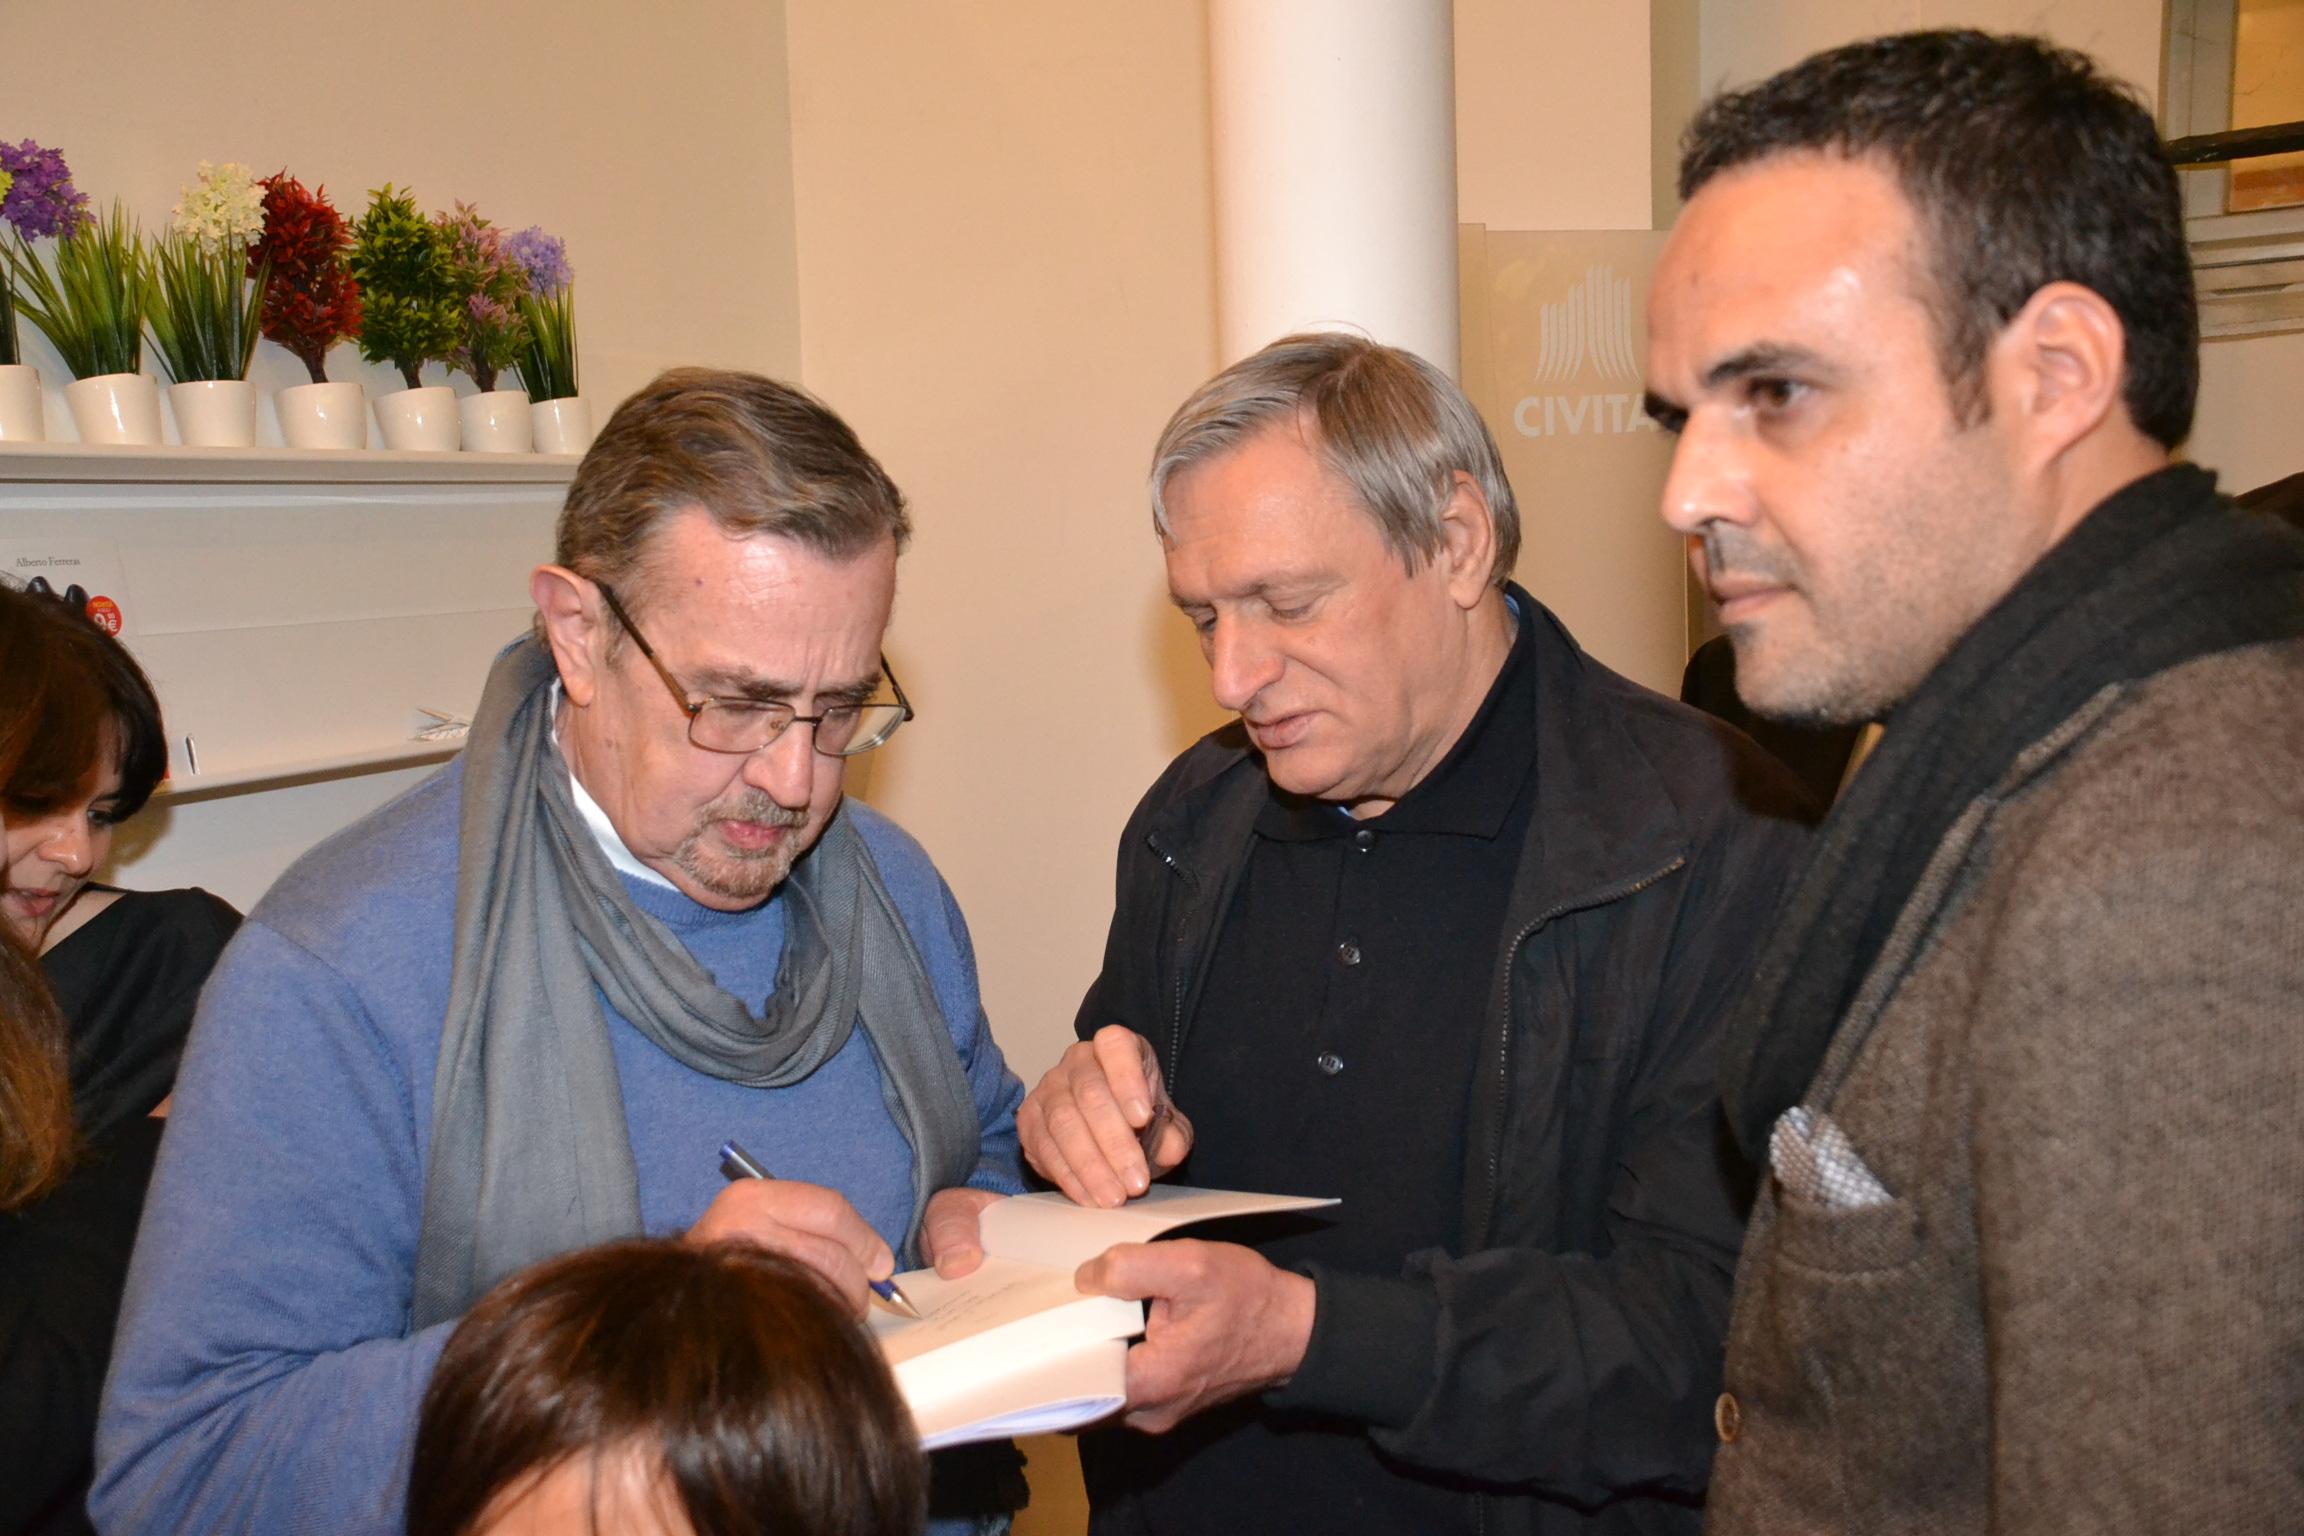 Intervista al generale Angiolo Pellegrini